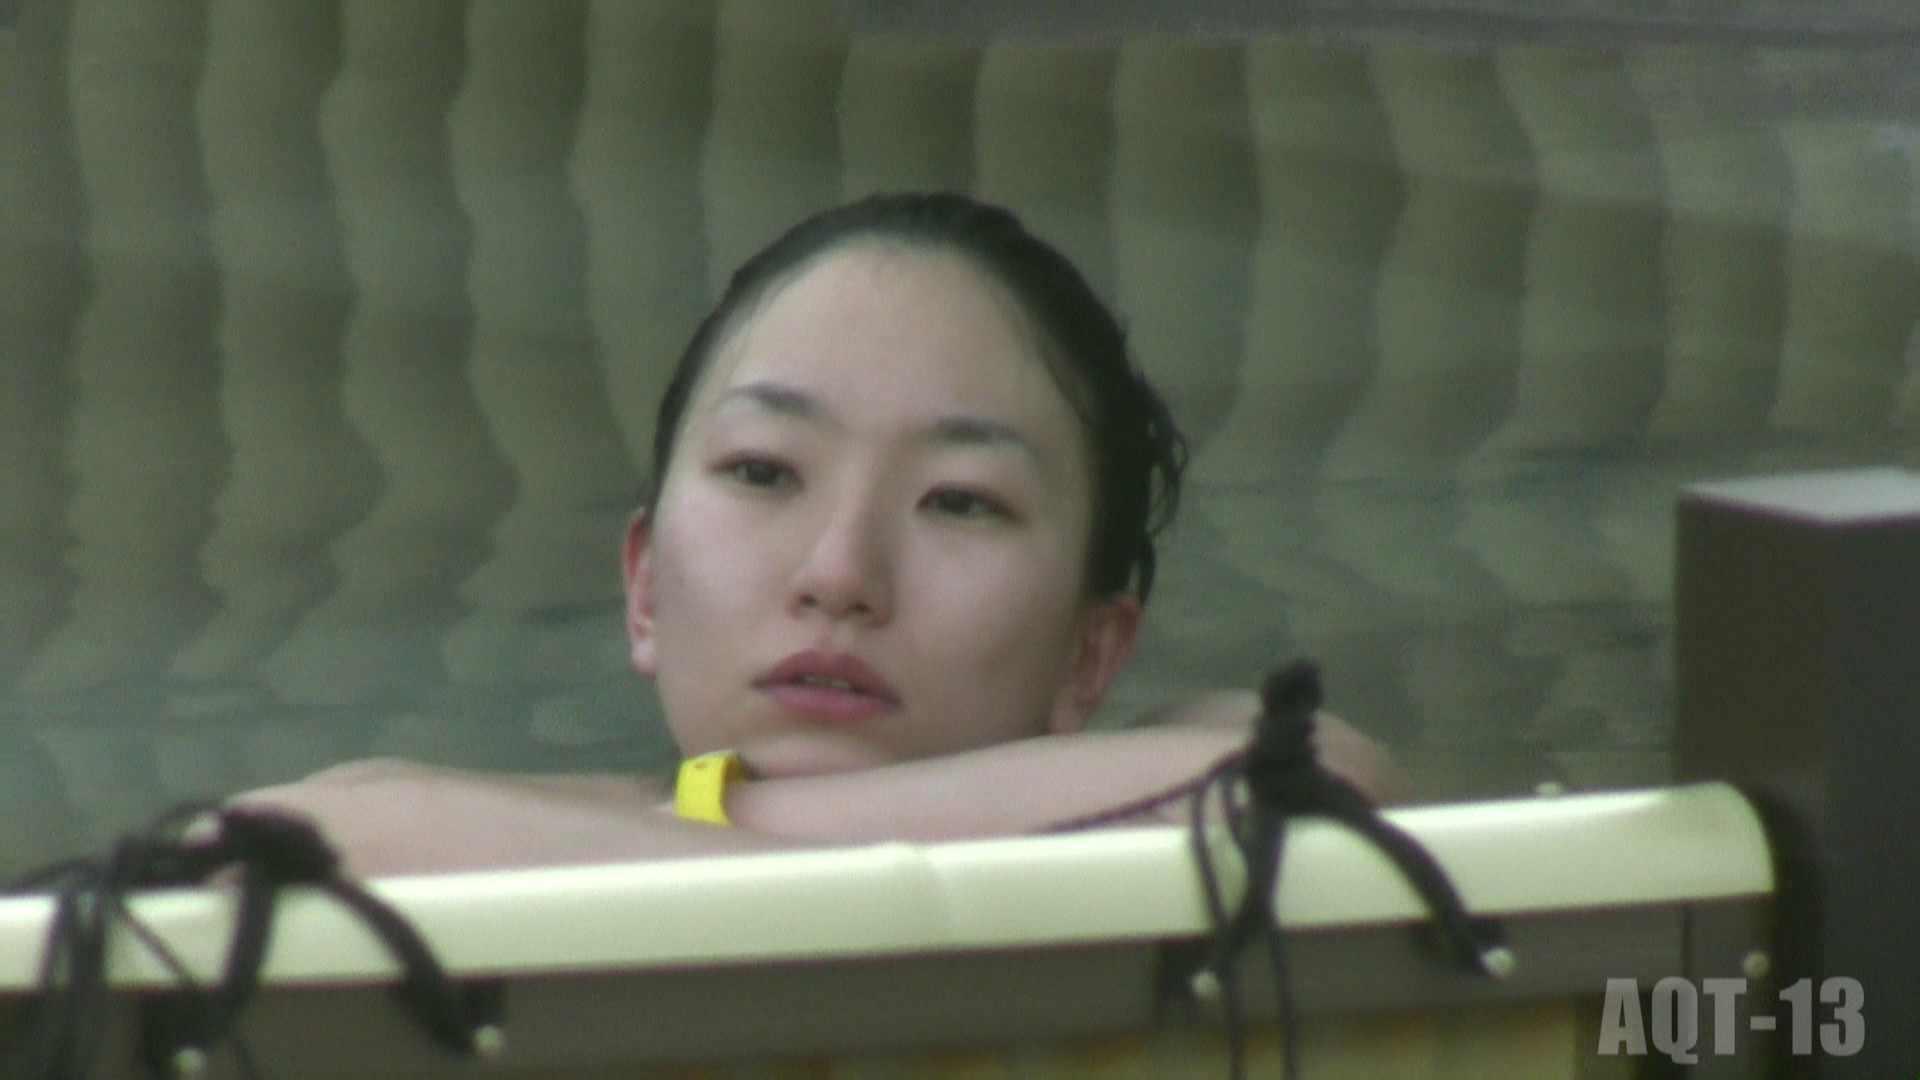 Aquaな露天風呂Vol.818 盗撮 オメコ動画キャプチャ 88画像 20